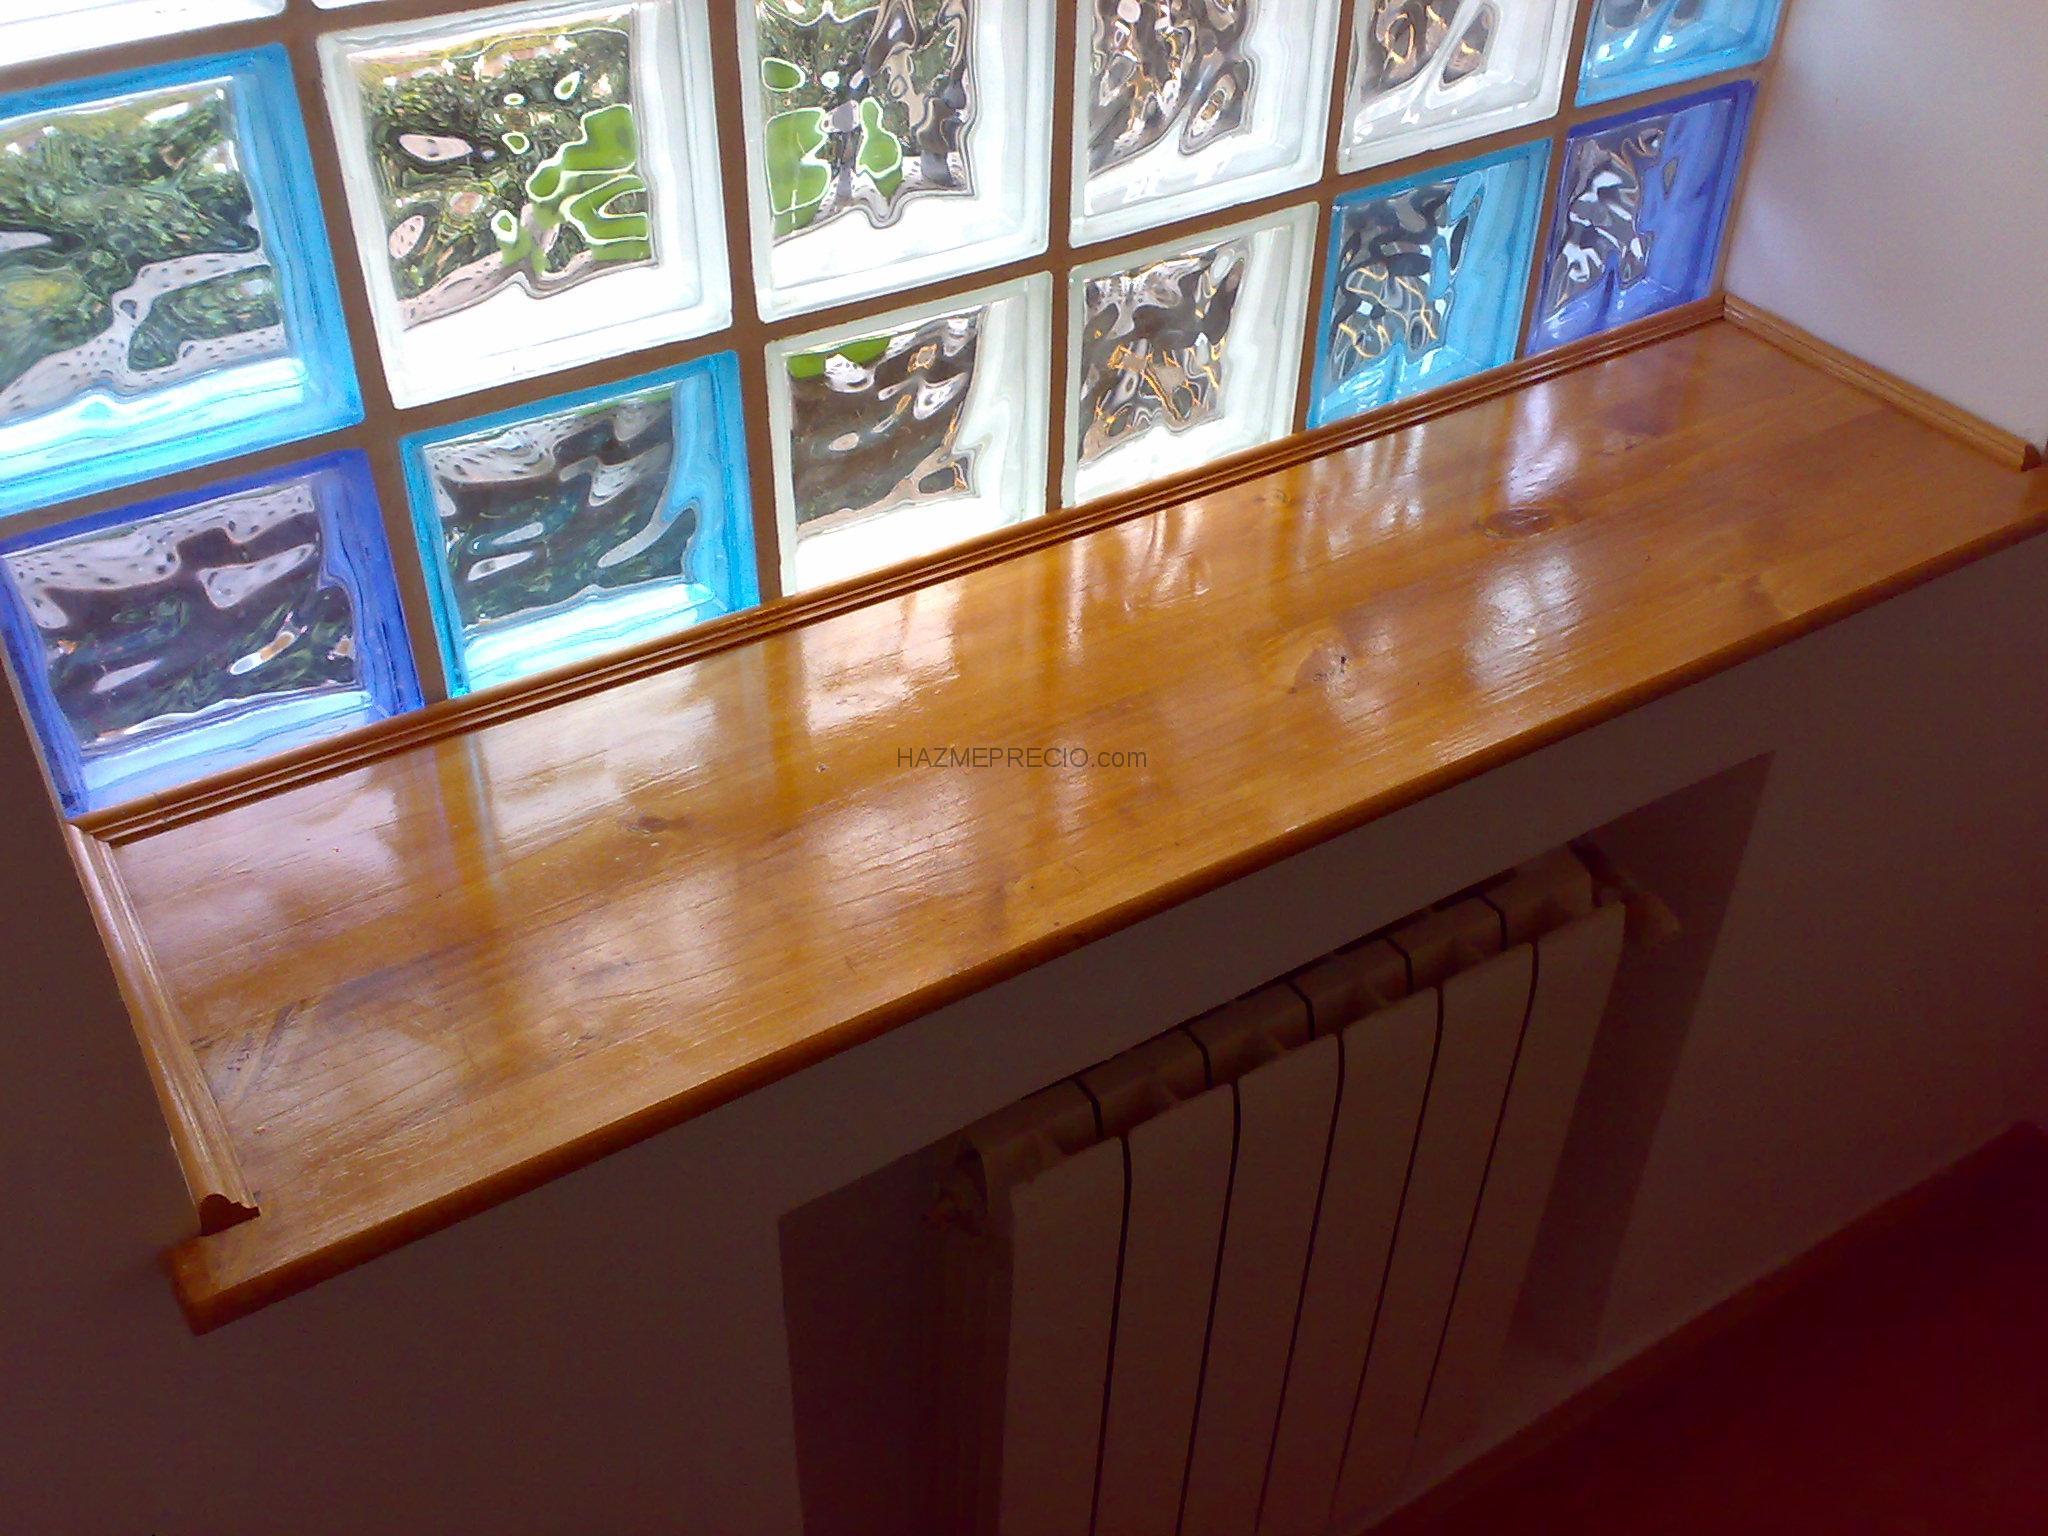 Aisla y reforma 28980 parla madrid - Bloque de vidrio precio ...